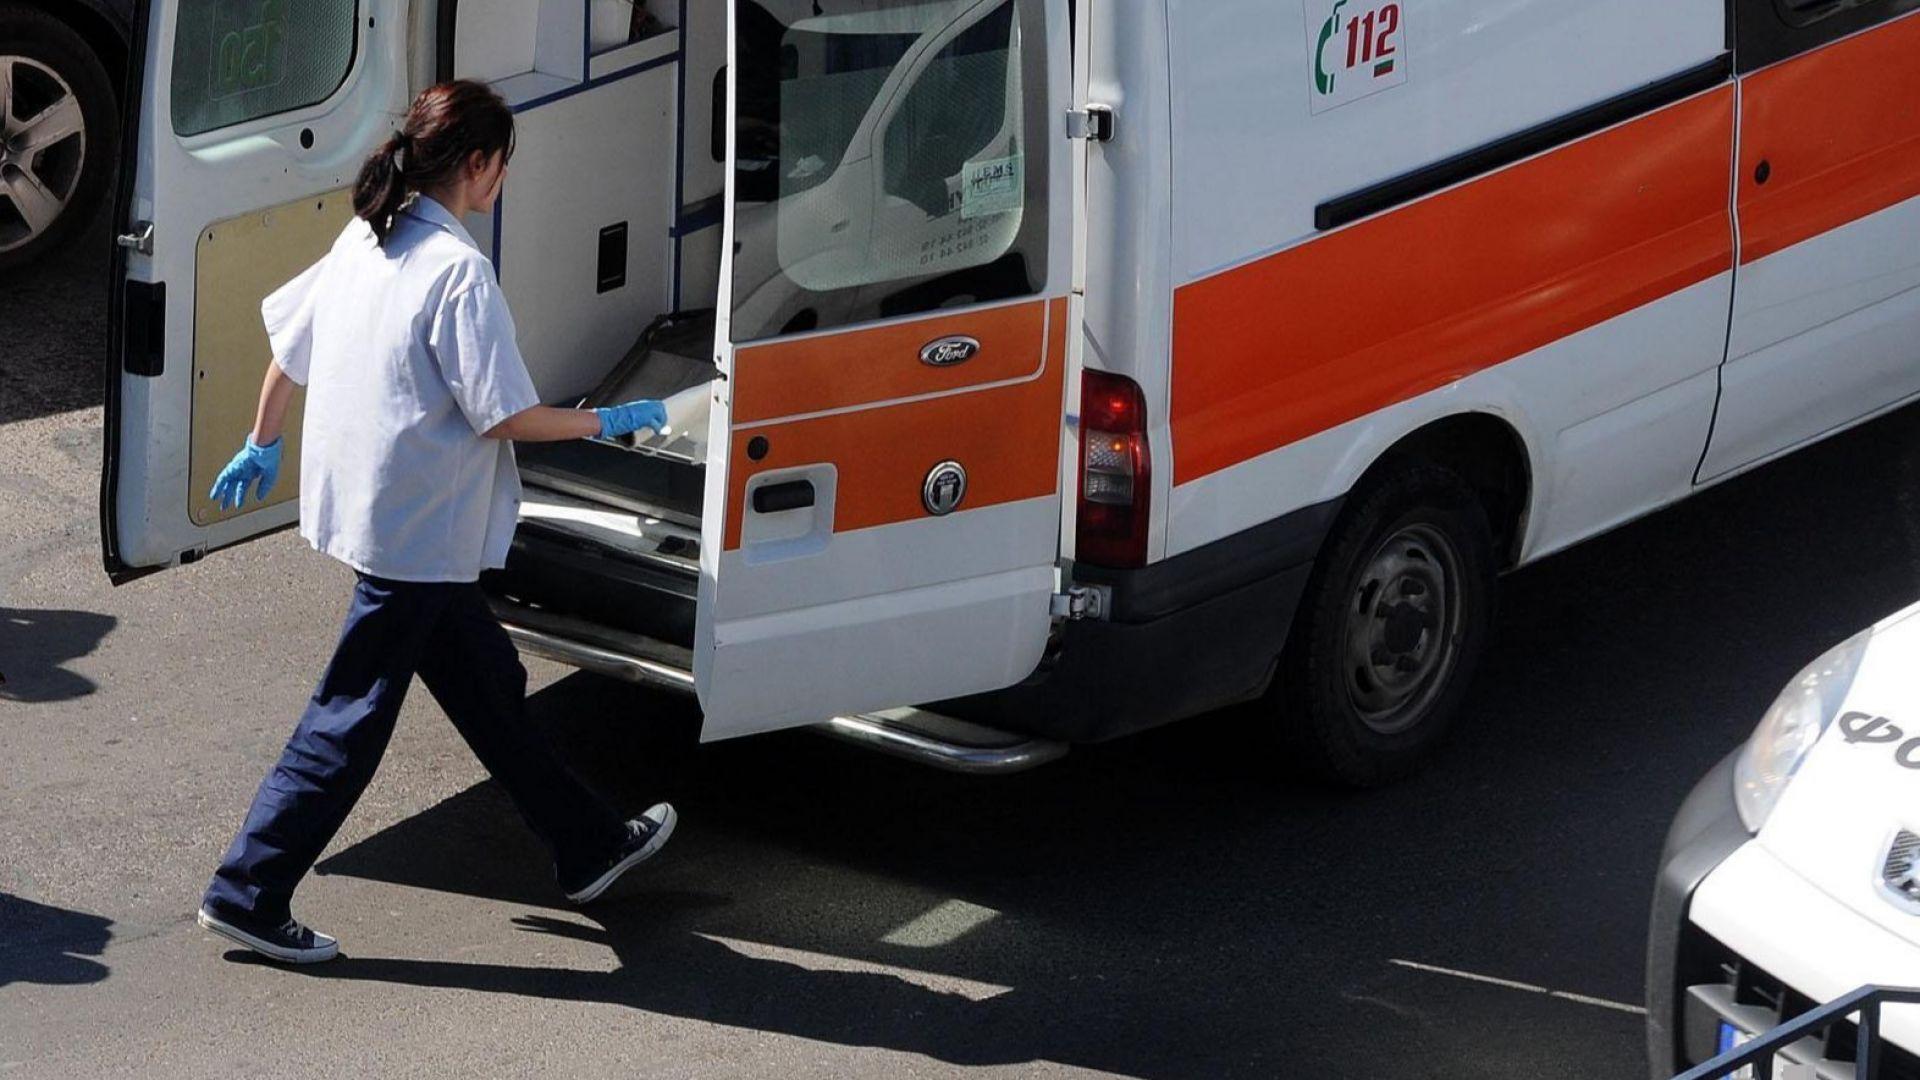 Автобус блъсна възрастна жена на пешеходна пътека, борят се за живота й